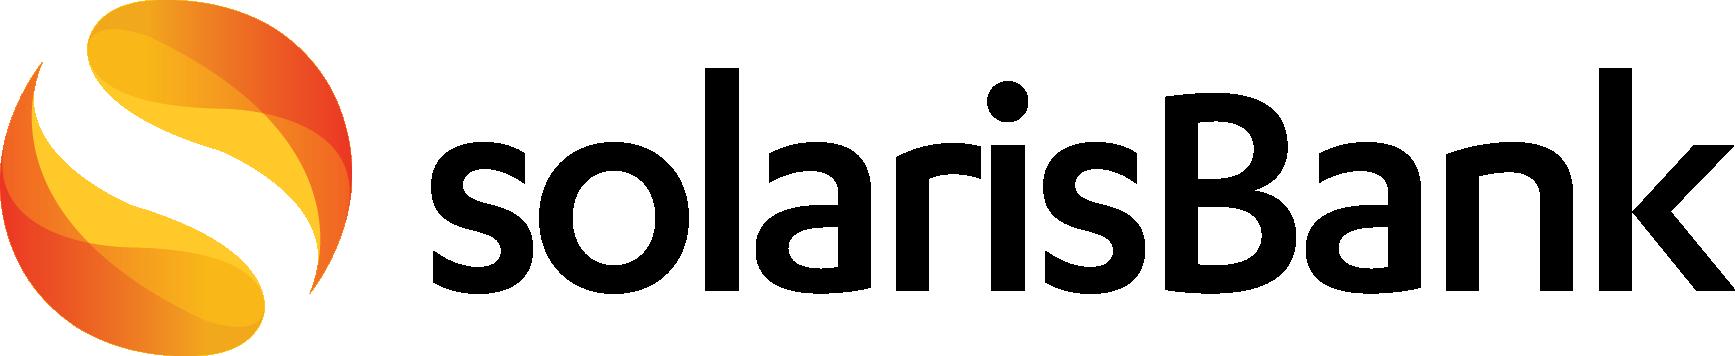 246557 238741 solarisbank logo bc3867 original 1488905898 193216 original 1494251486